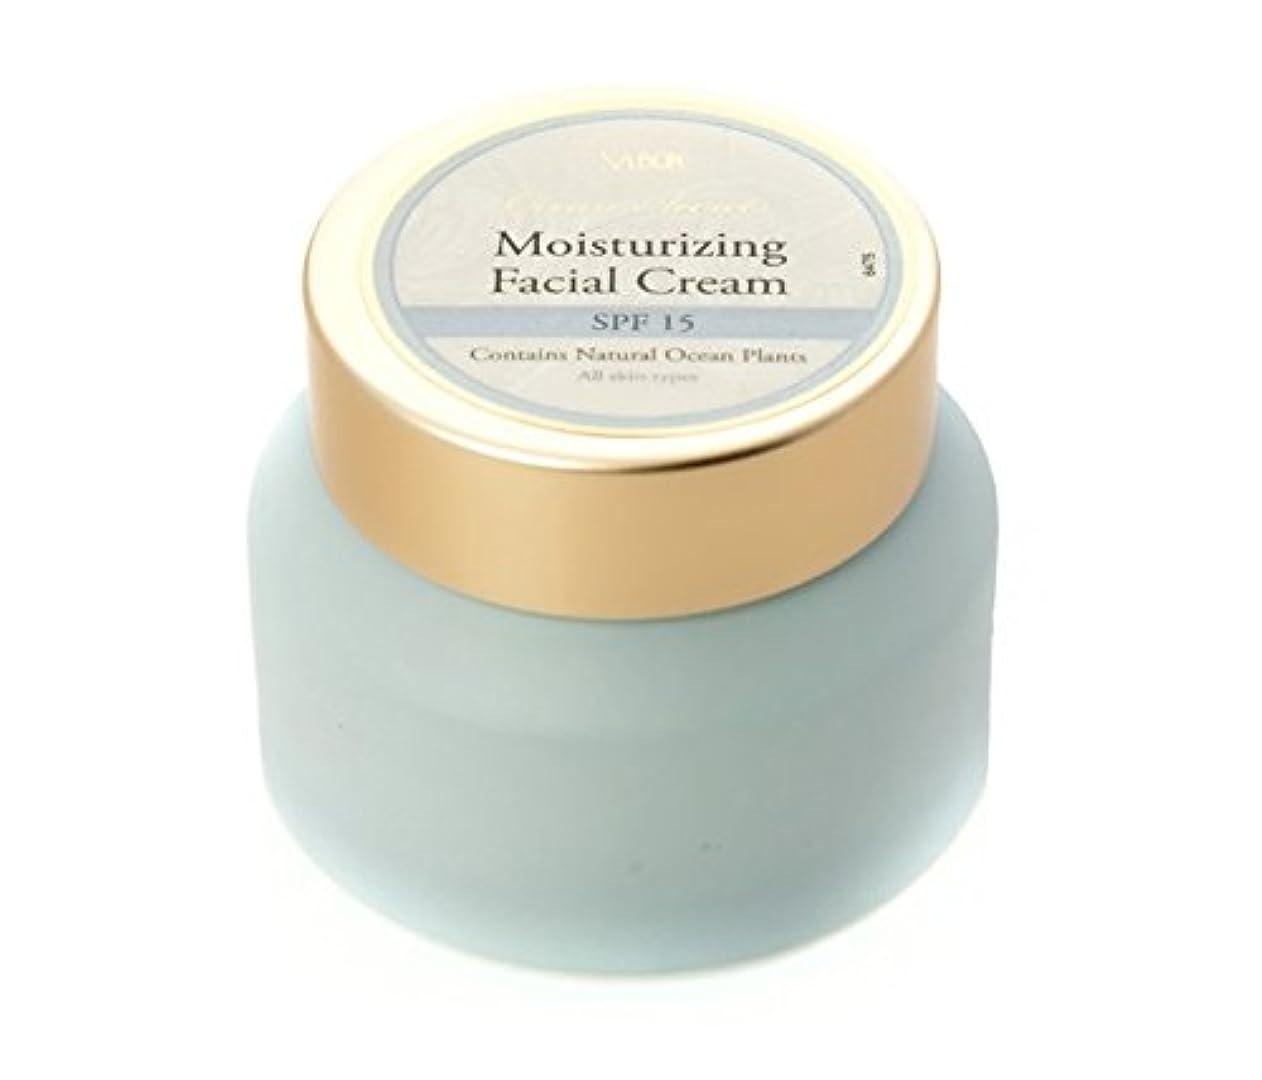 道徳教育コットンのり【SABON(サボン)】モイスチャライジング フェイシャルクリームSPF15(Ocean Secrets AP Moisturizing Facial Cream SPF 15)イスラエル発 並行輸入品 海外直送